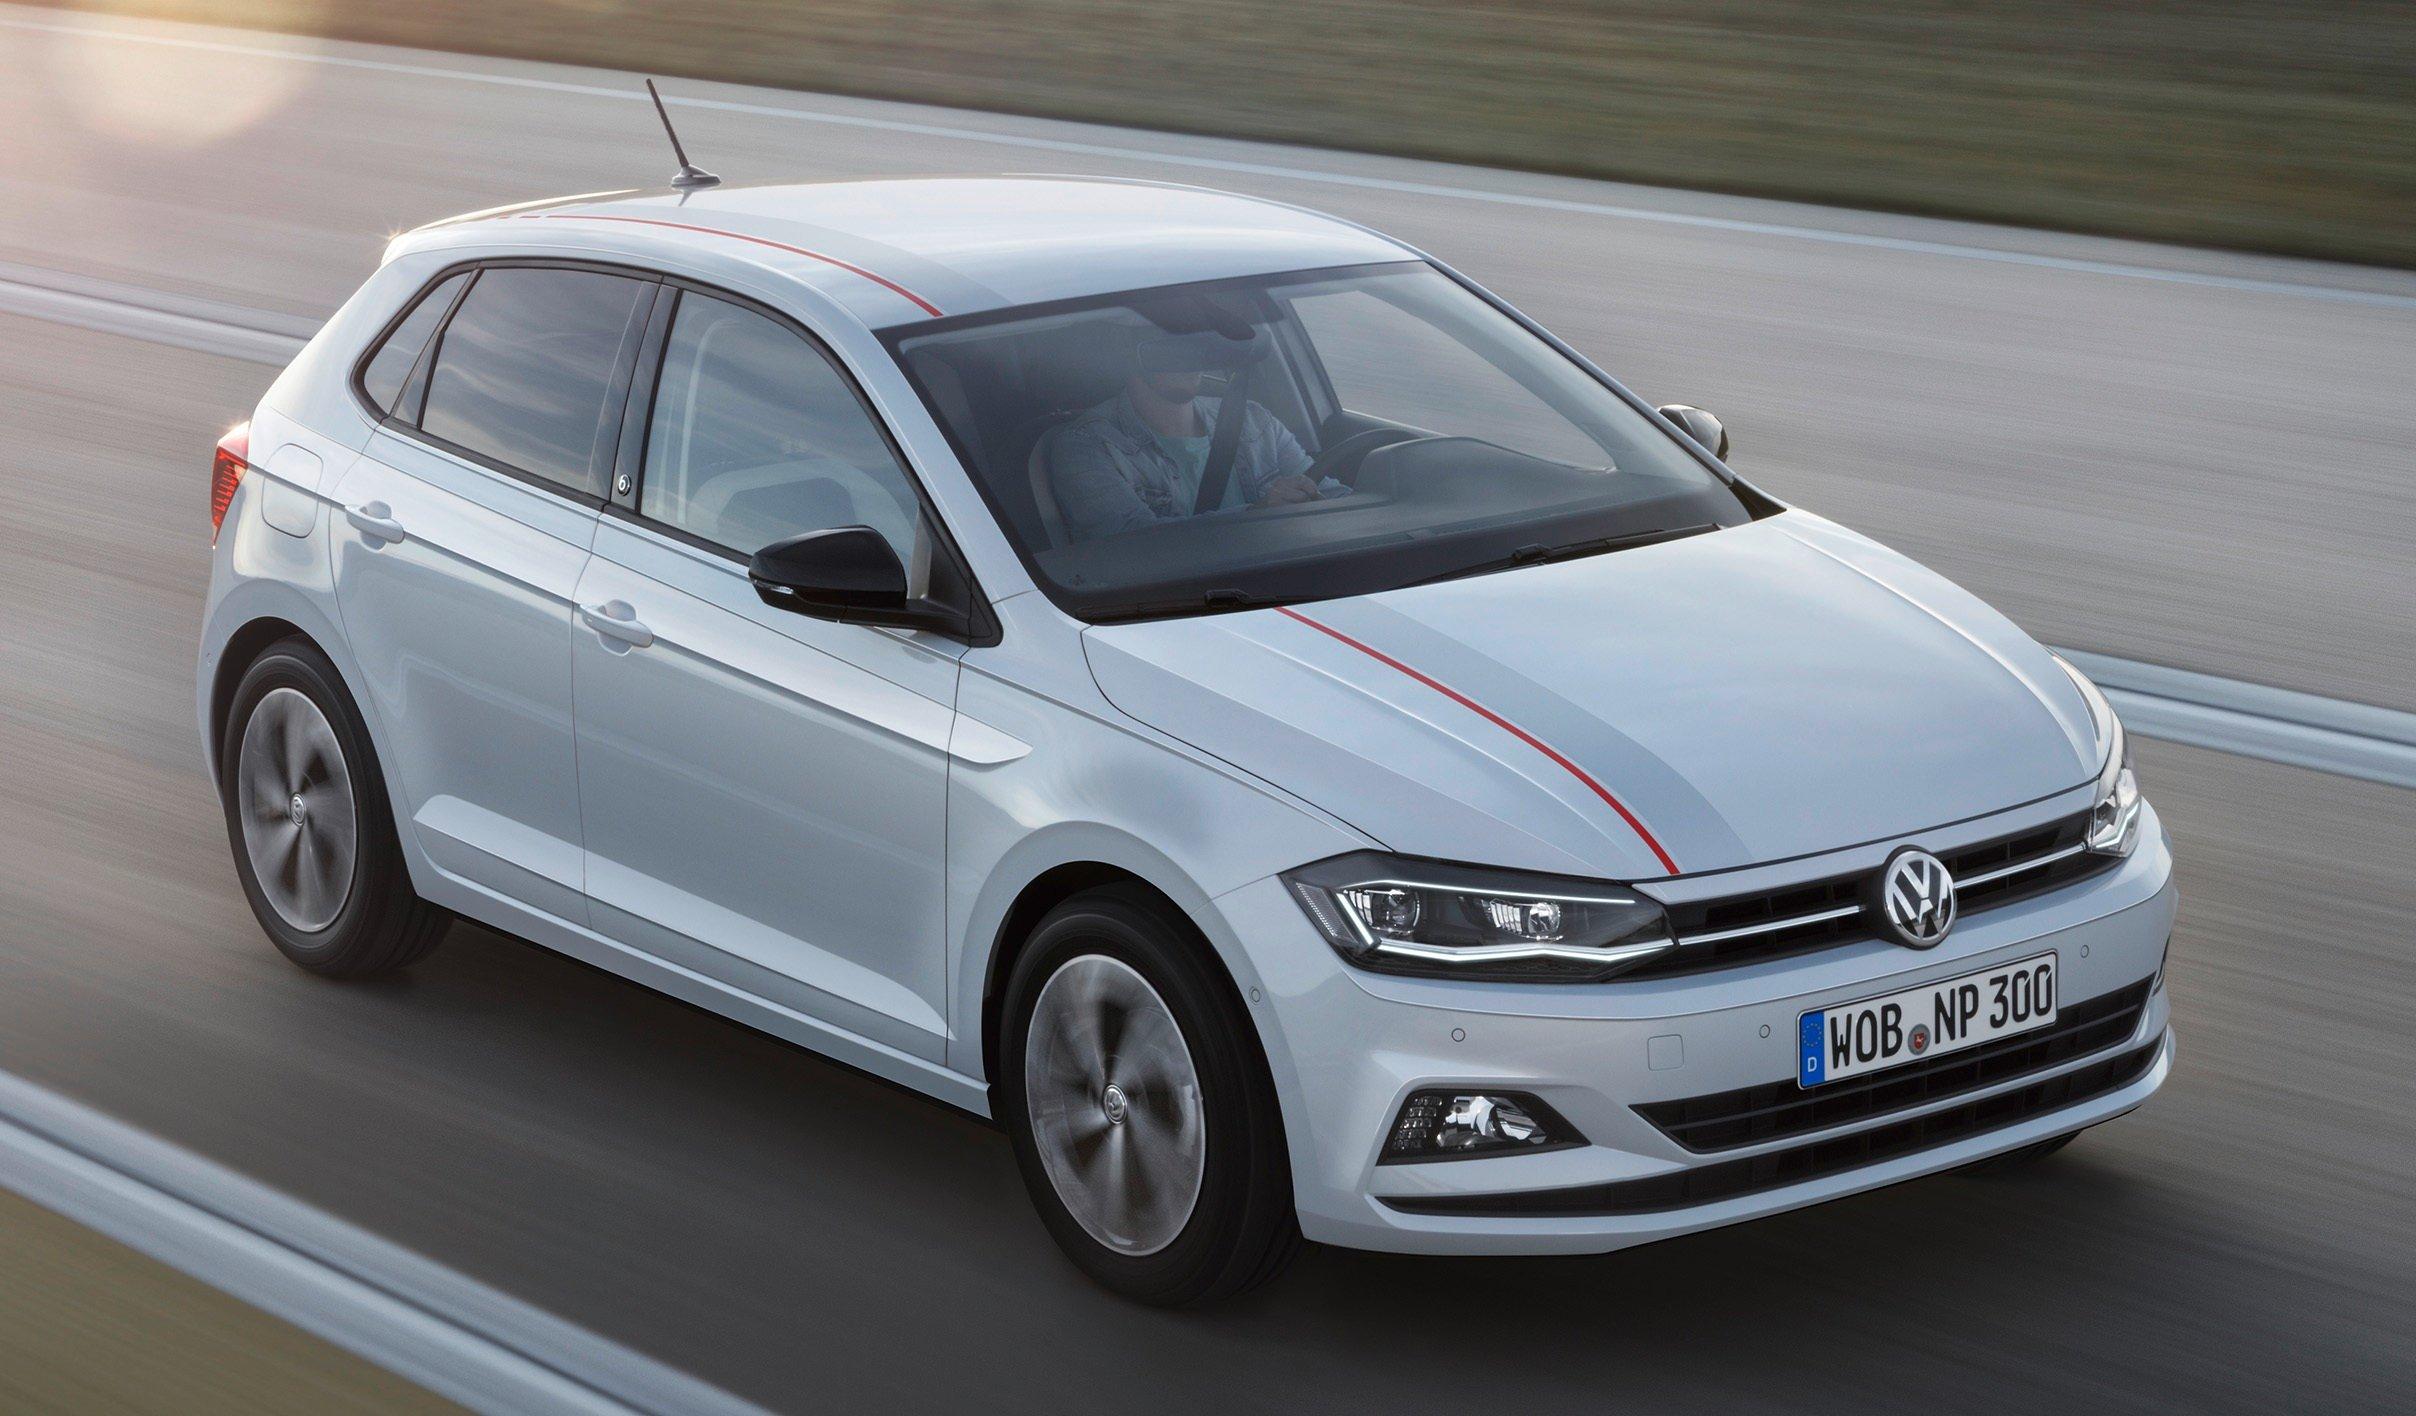 Volkswagen Polo 2018 será lançado em setembro com tecnologia de ponta em mecânica e conectividade